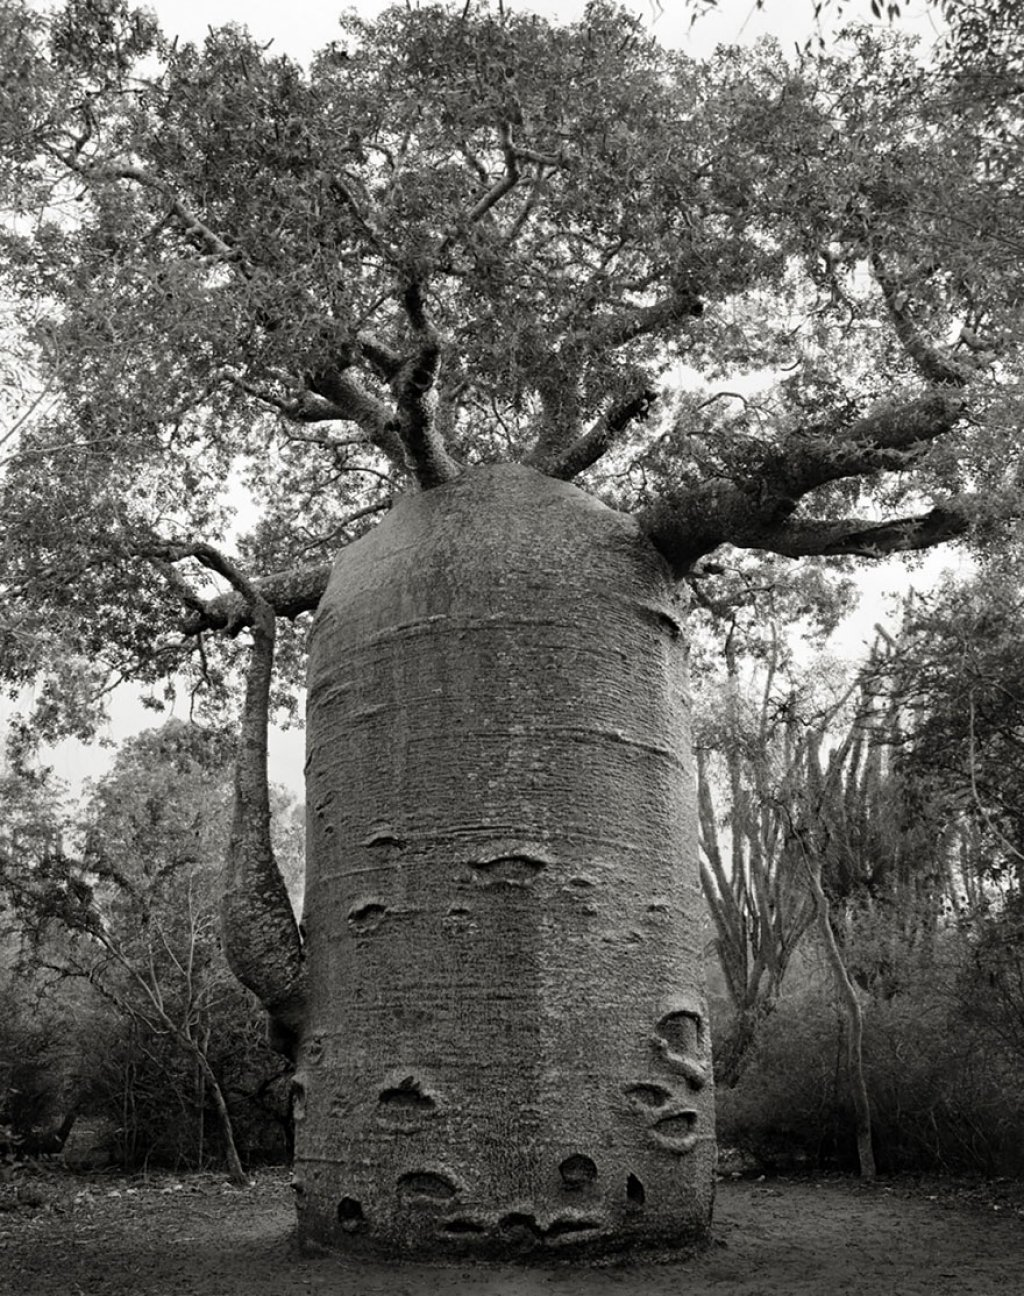 Fotógrafa passa 14 anos viajando por todo mundo em busca das árvores mais antigas e estranhas 09